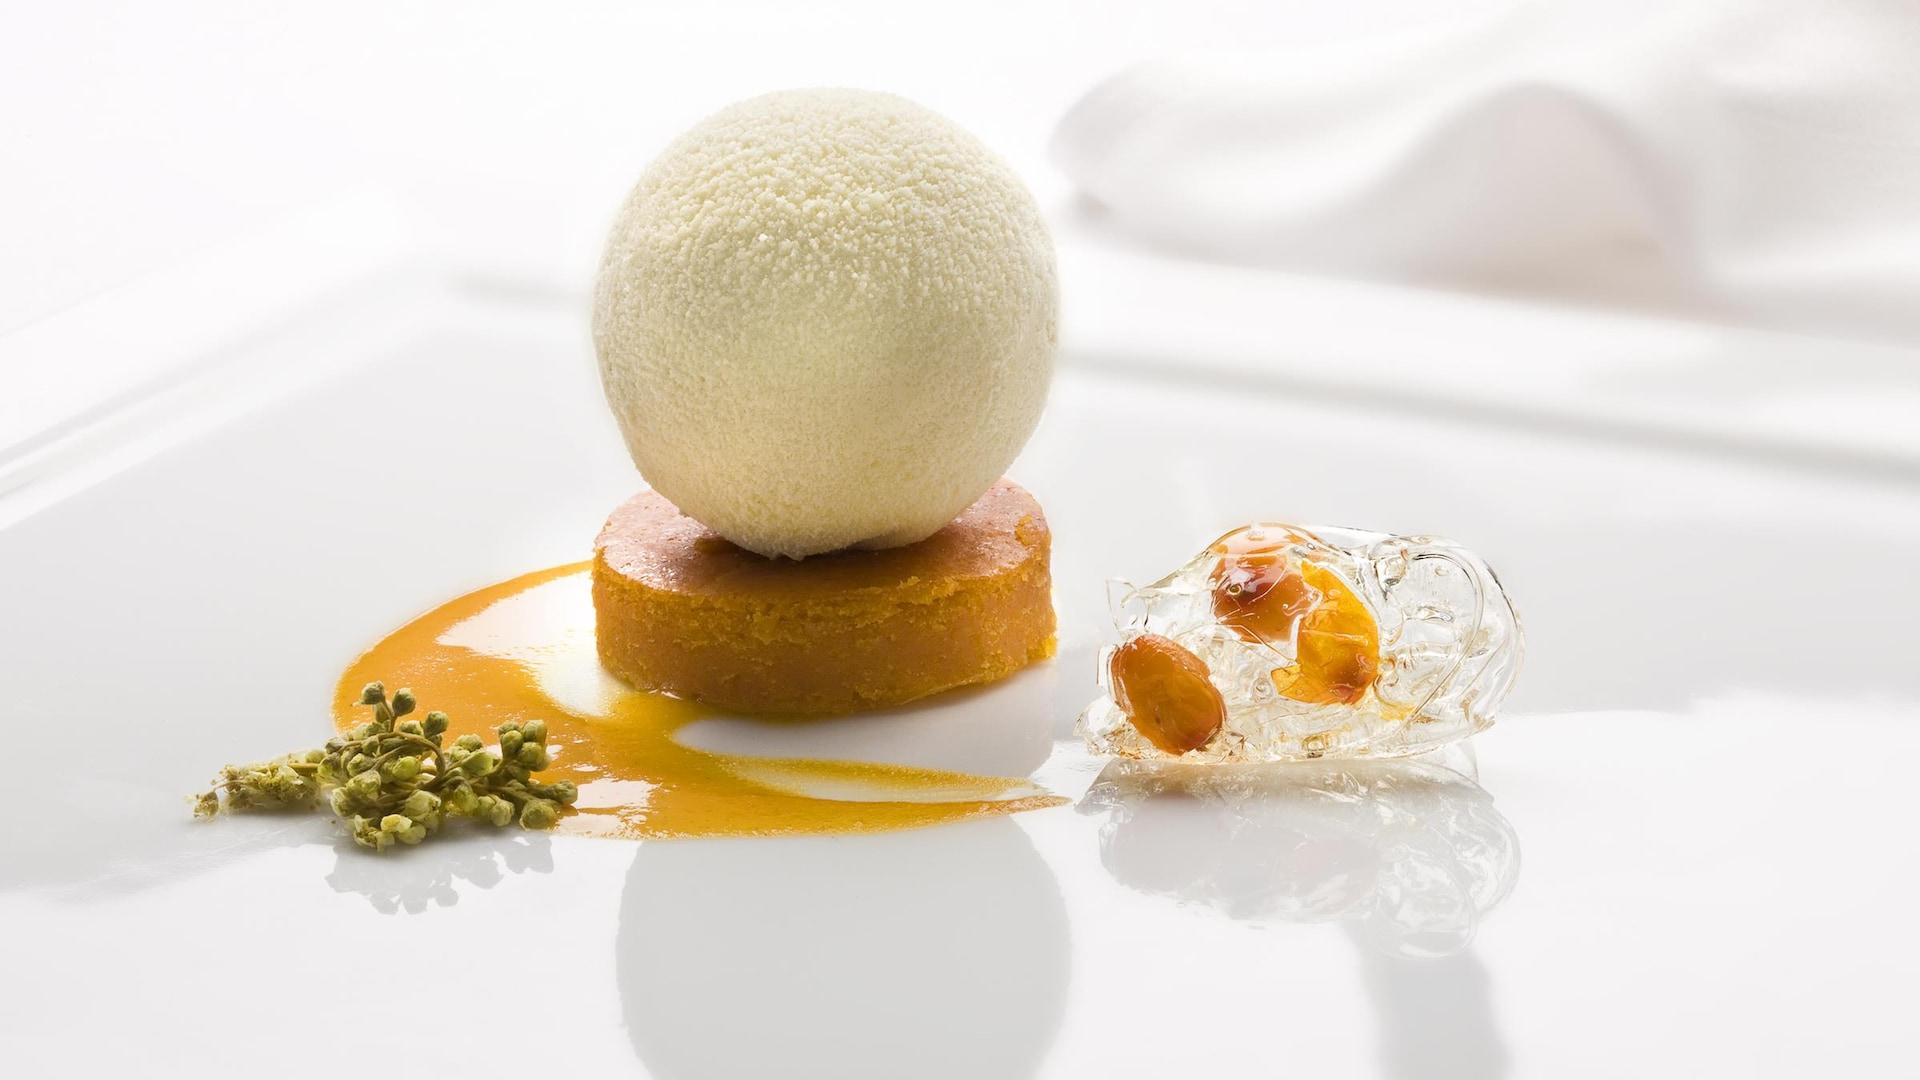 Un repas gastronomique dans une assiette blanche